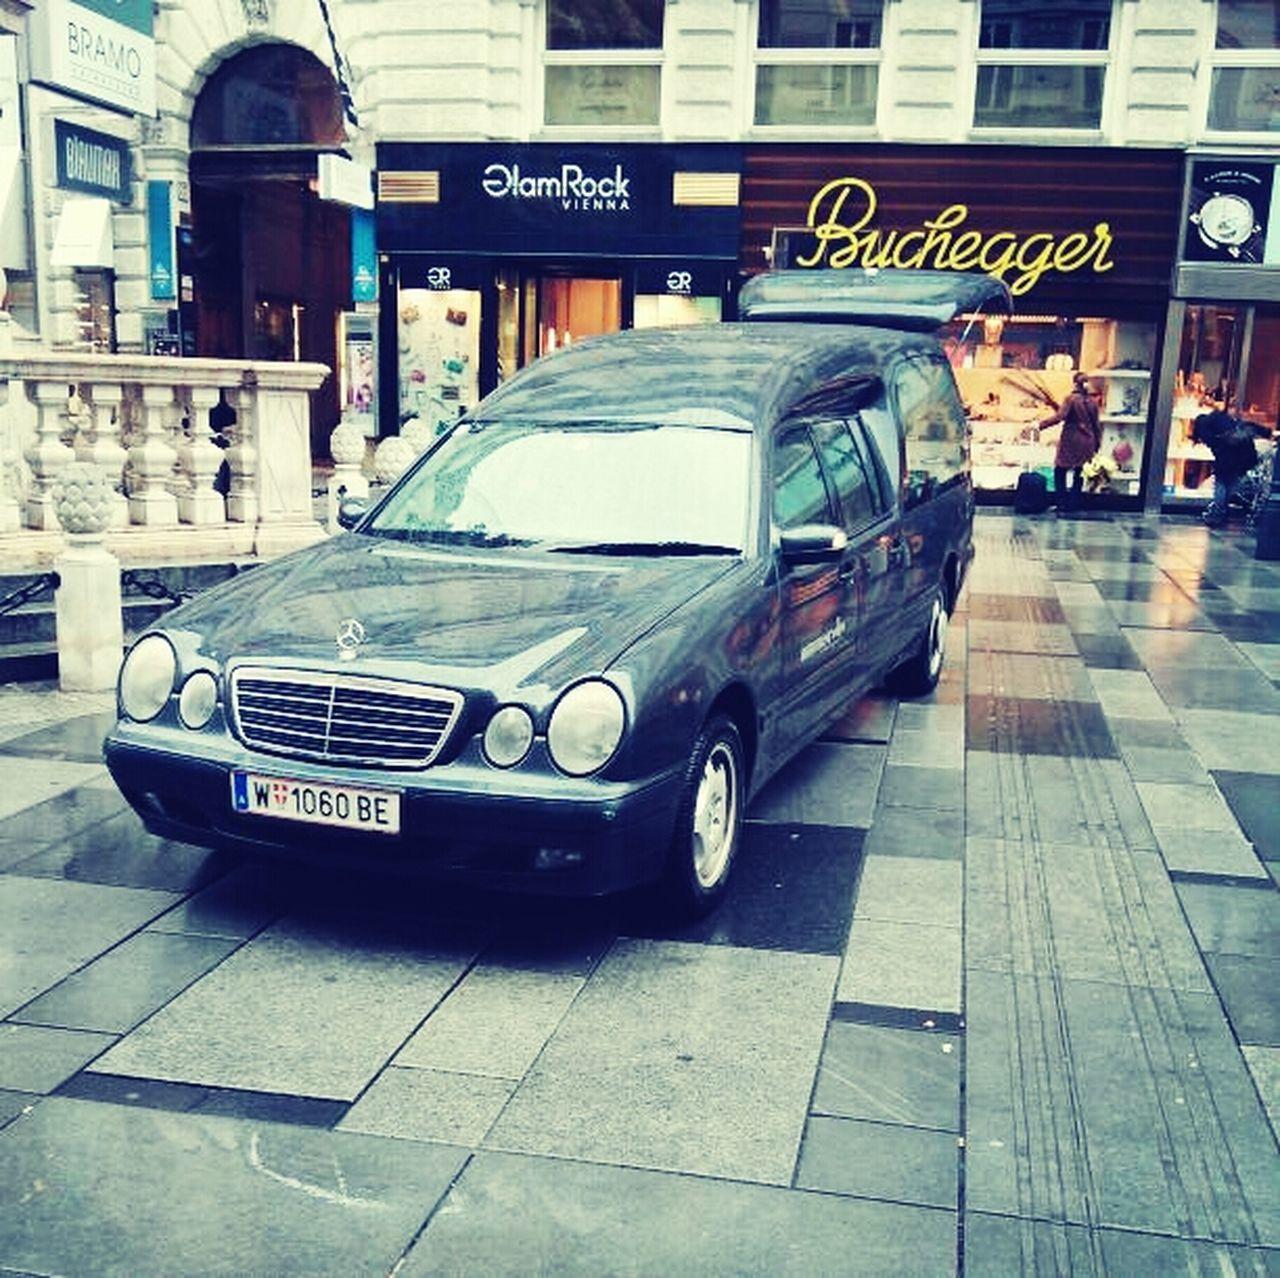 Wien-Streetstyle II